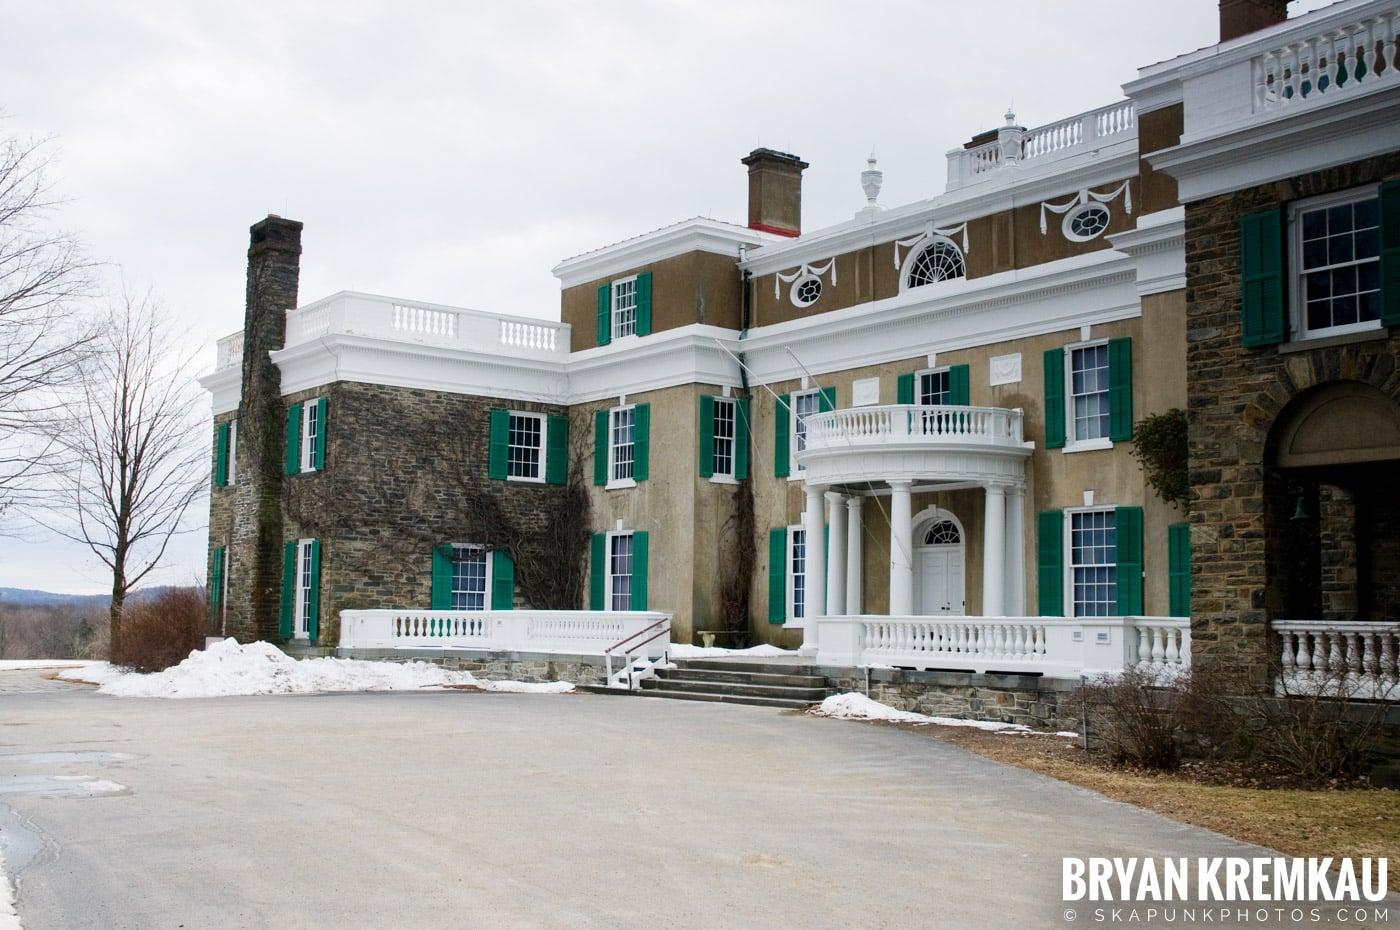 Valentine's Day Trip @ Rhinebeck, FDR's Home, Vanderbilt, Wilderstein Historic Site, NY - 2.14.10 (13)